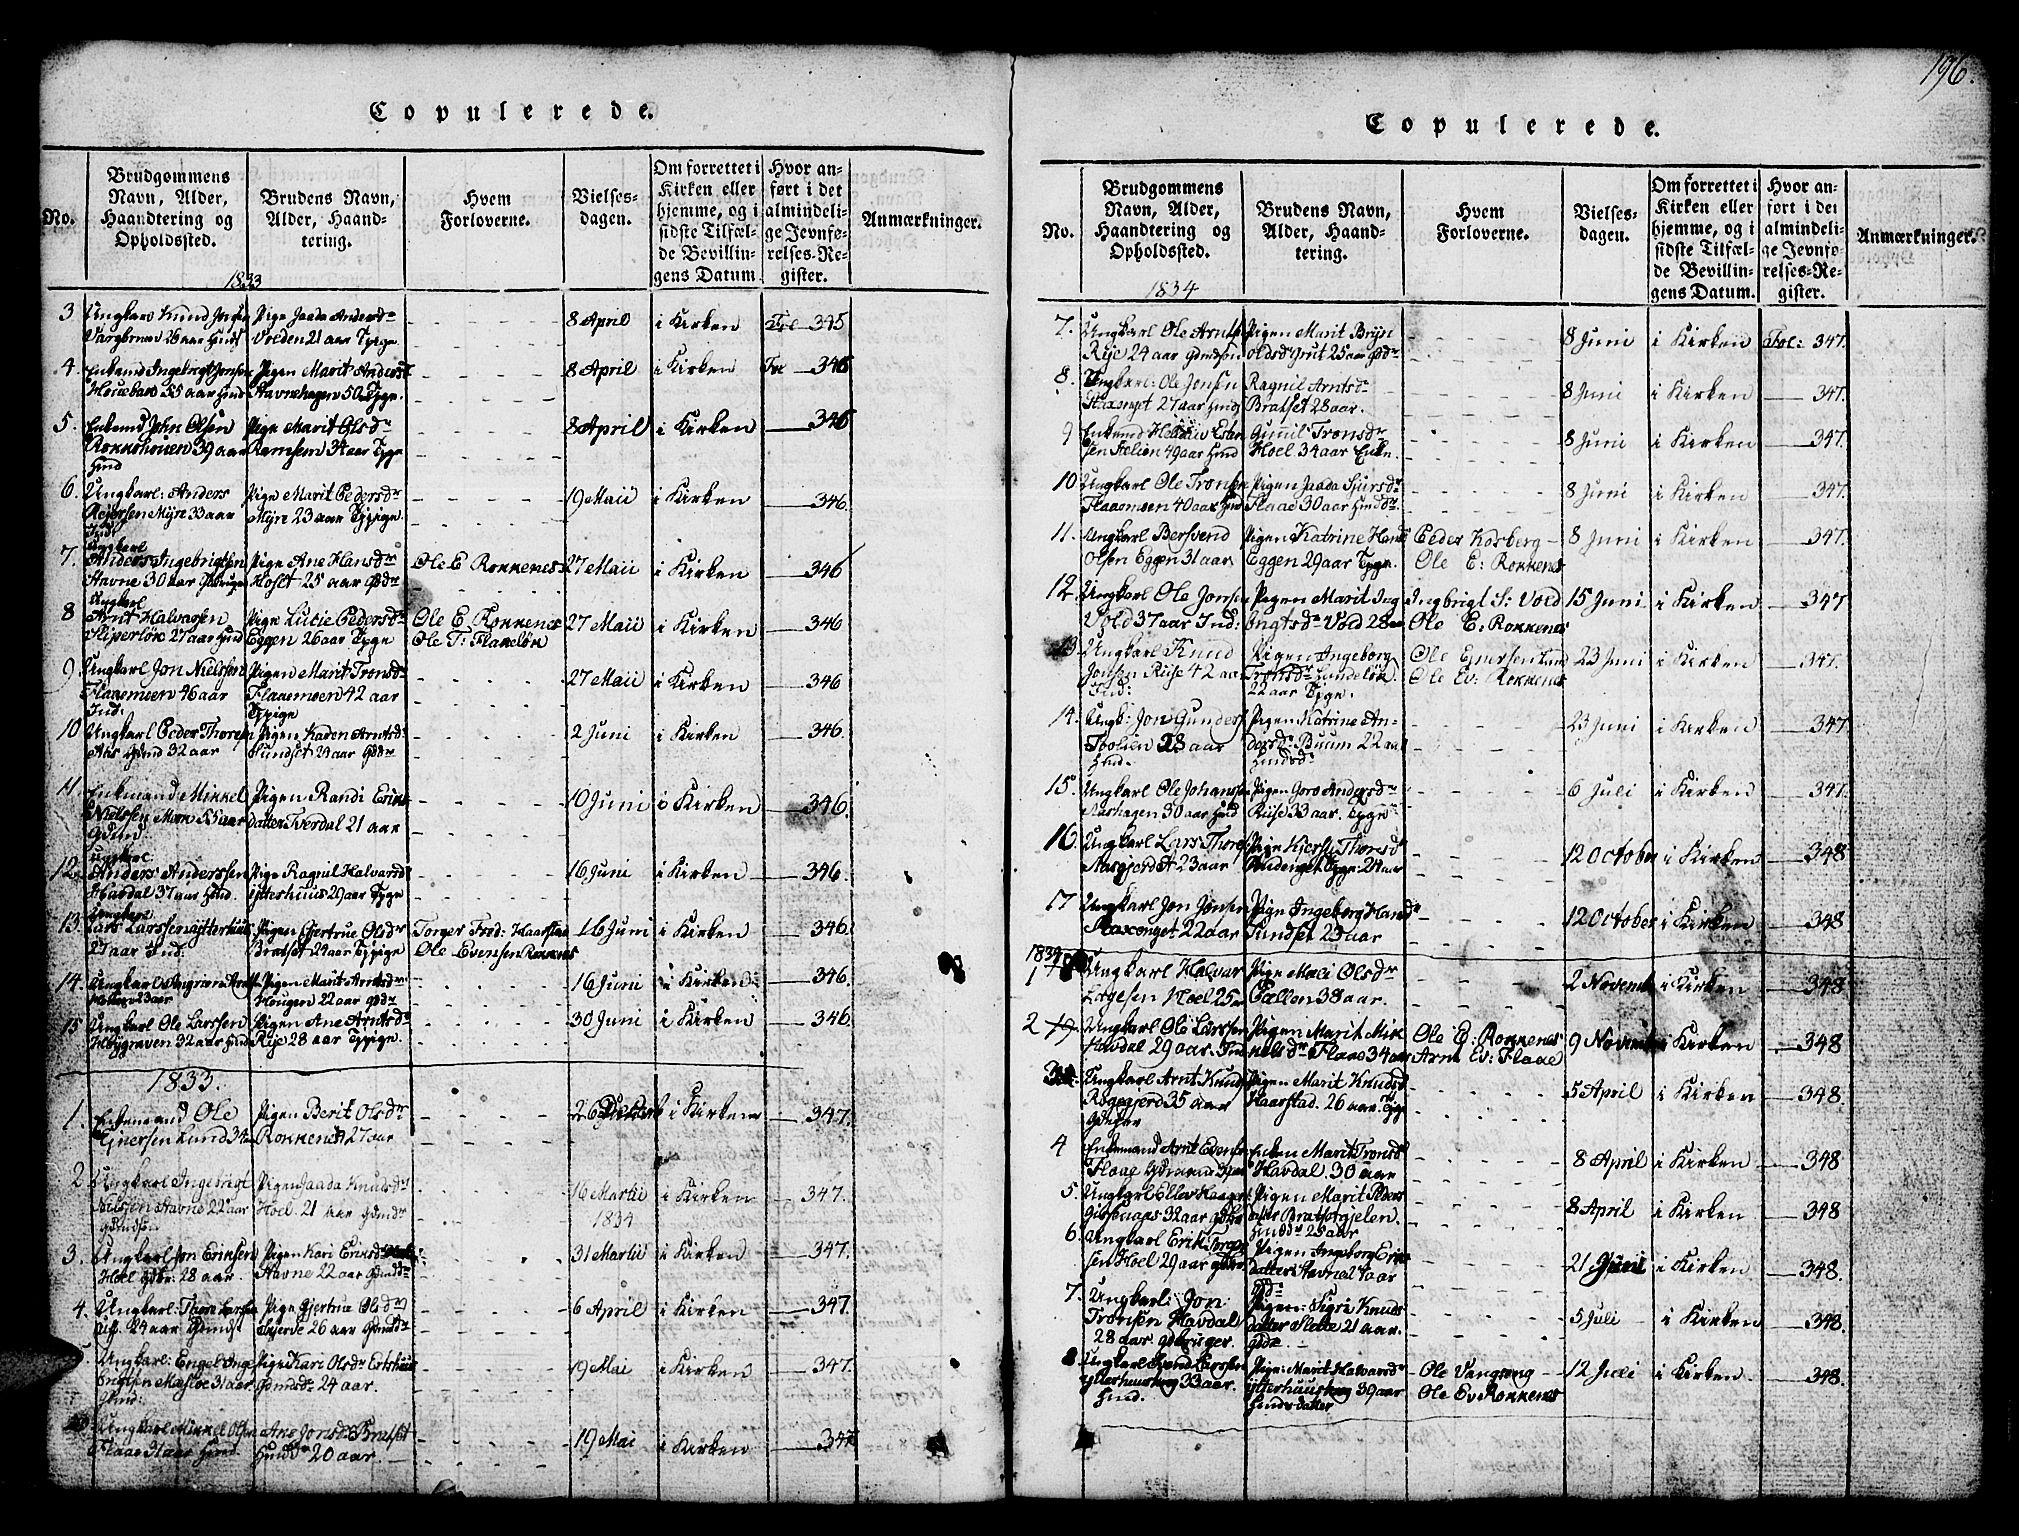 SAT, Ministerialprotokoller, klokkerbøker og fødselsregistre - Sør-Trøndelag, 674/L0874: Klokkerbok nr. 674C01, 1816-1860, s. 196